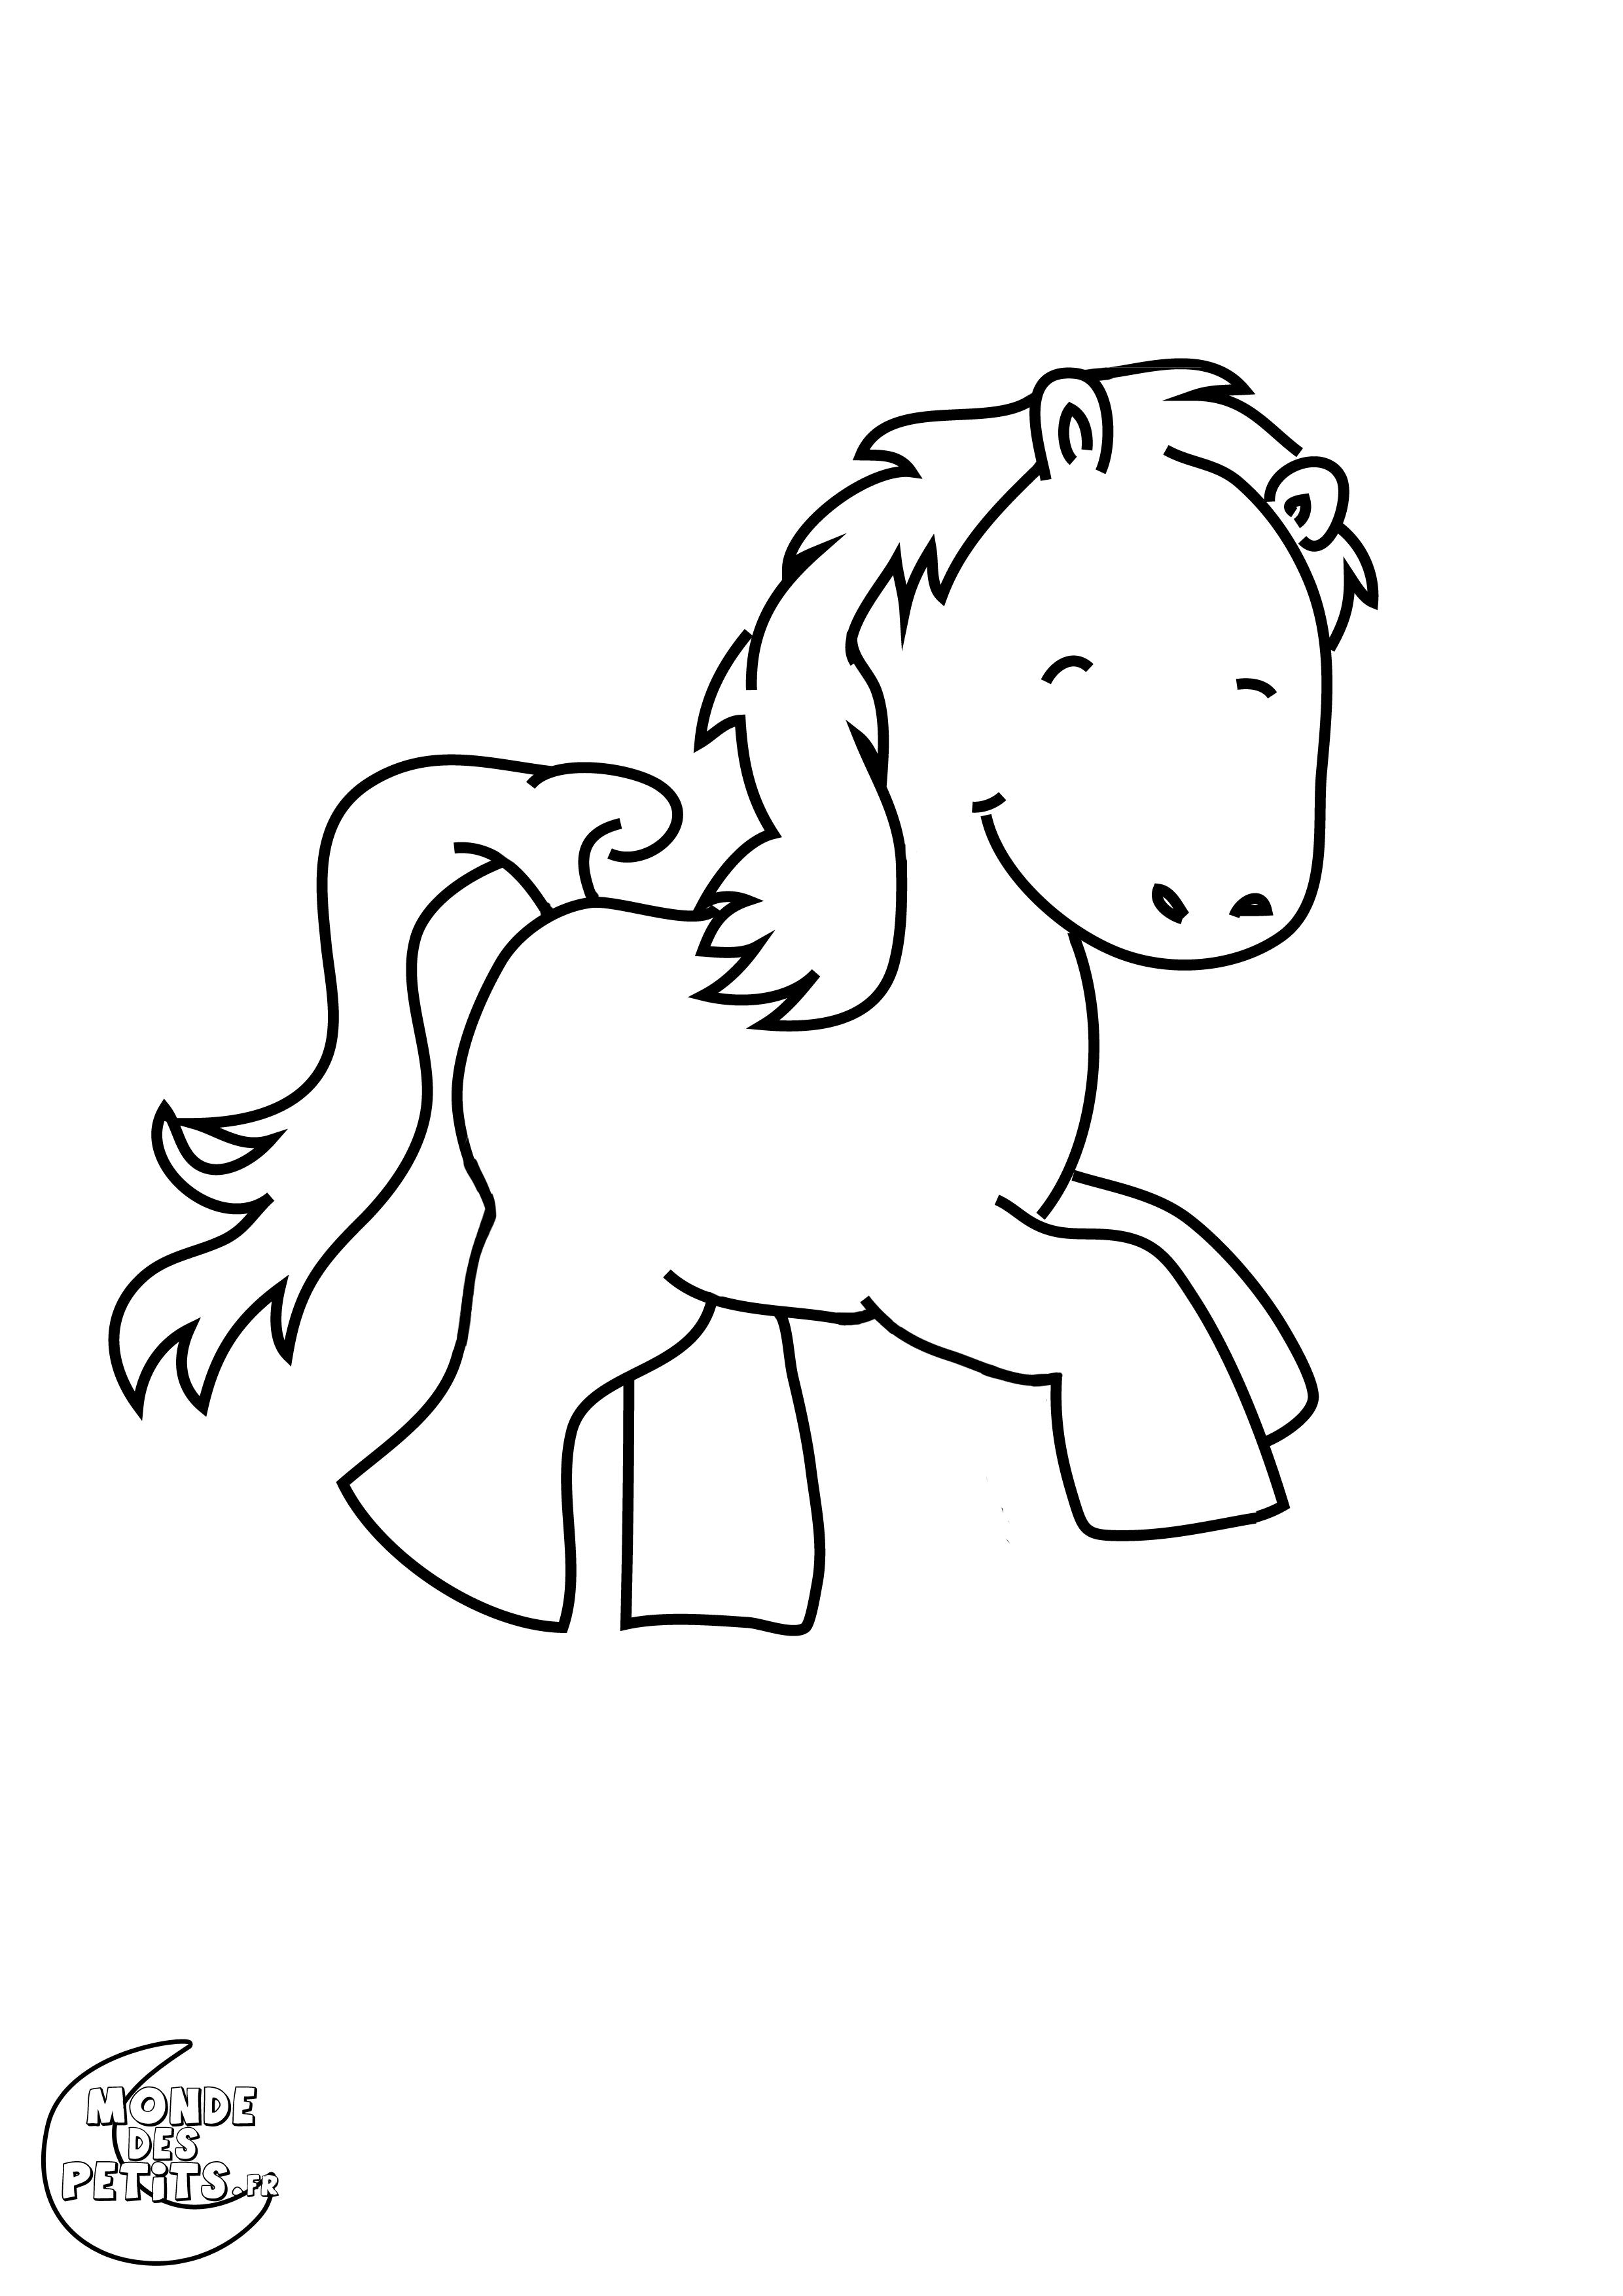 Monde des petits coloriages imprimer - Coloriage poney en ligne ...